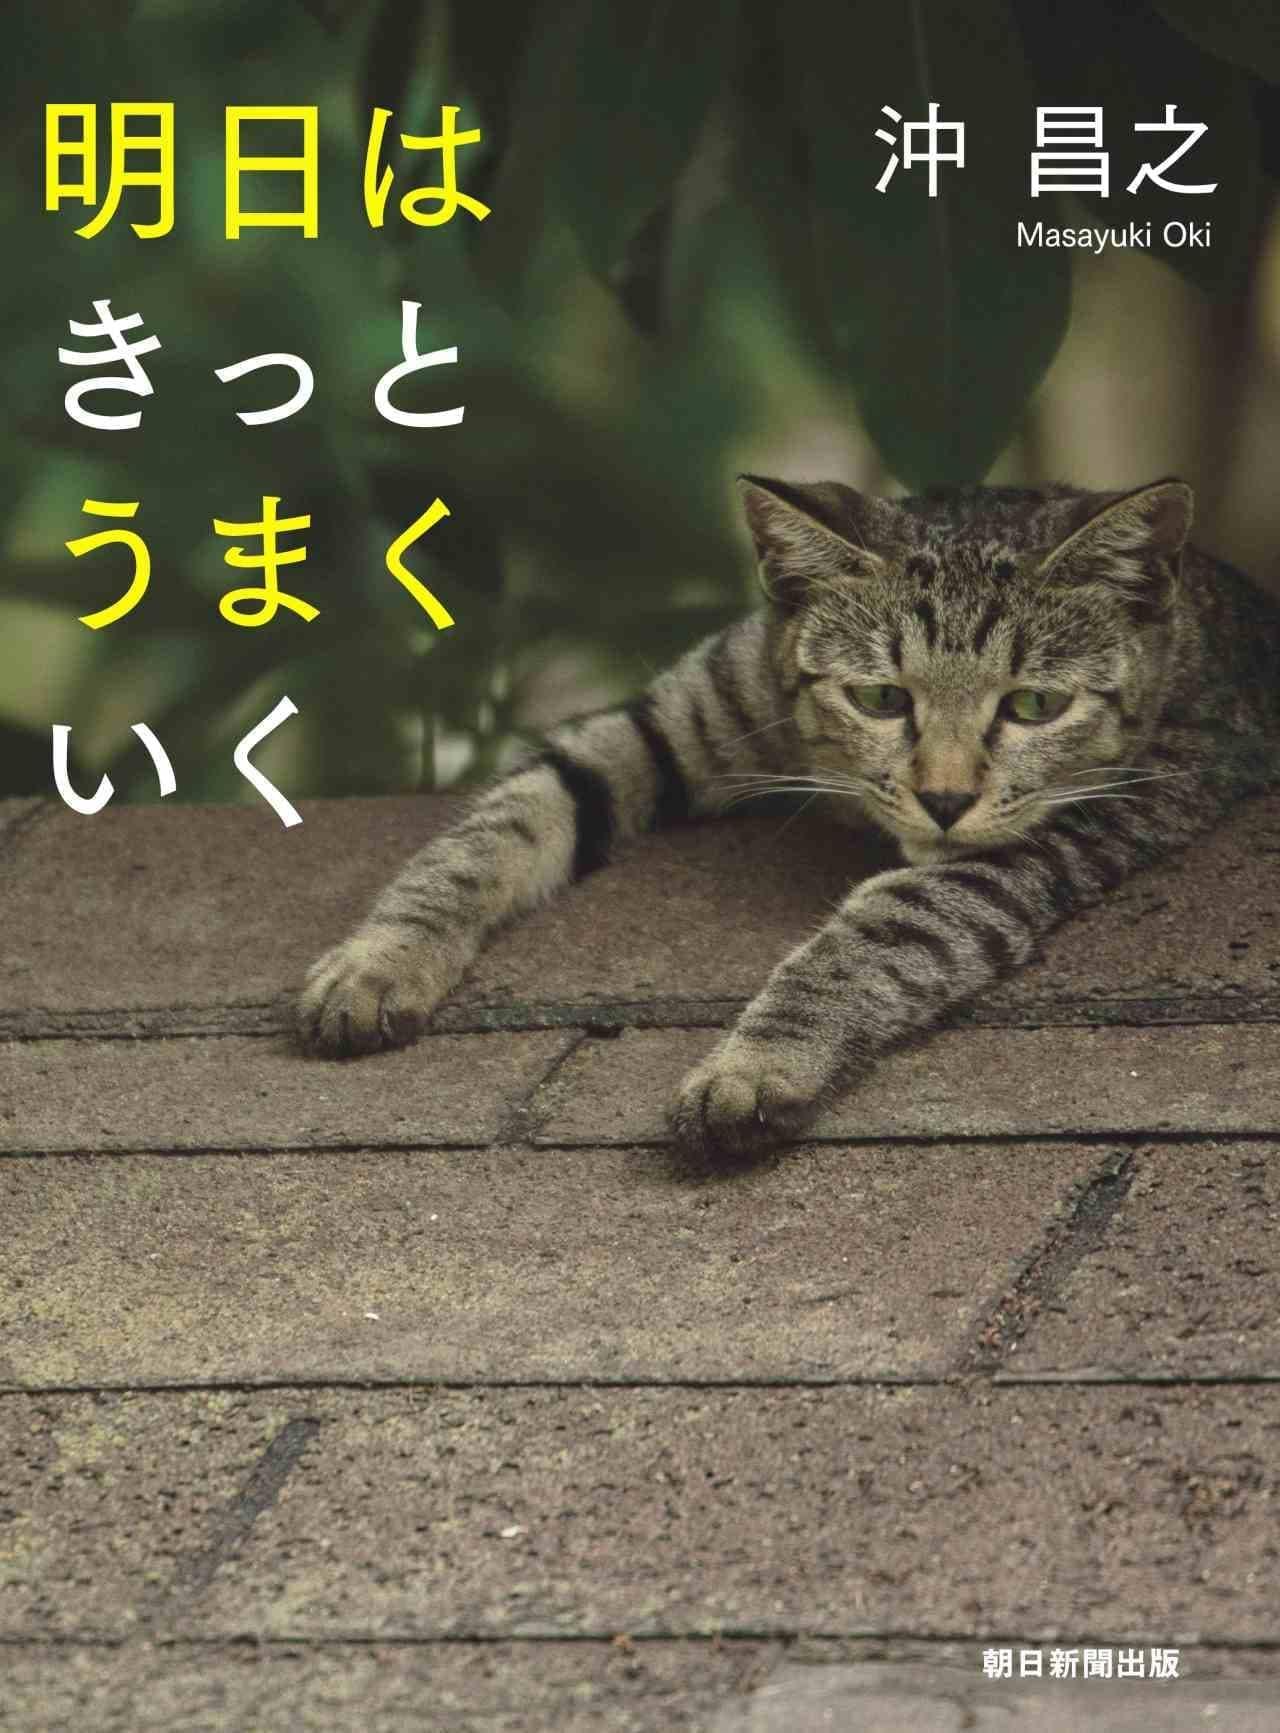 沖昌之さんによる『明日はきっとうまくいく』発売